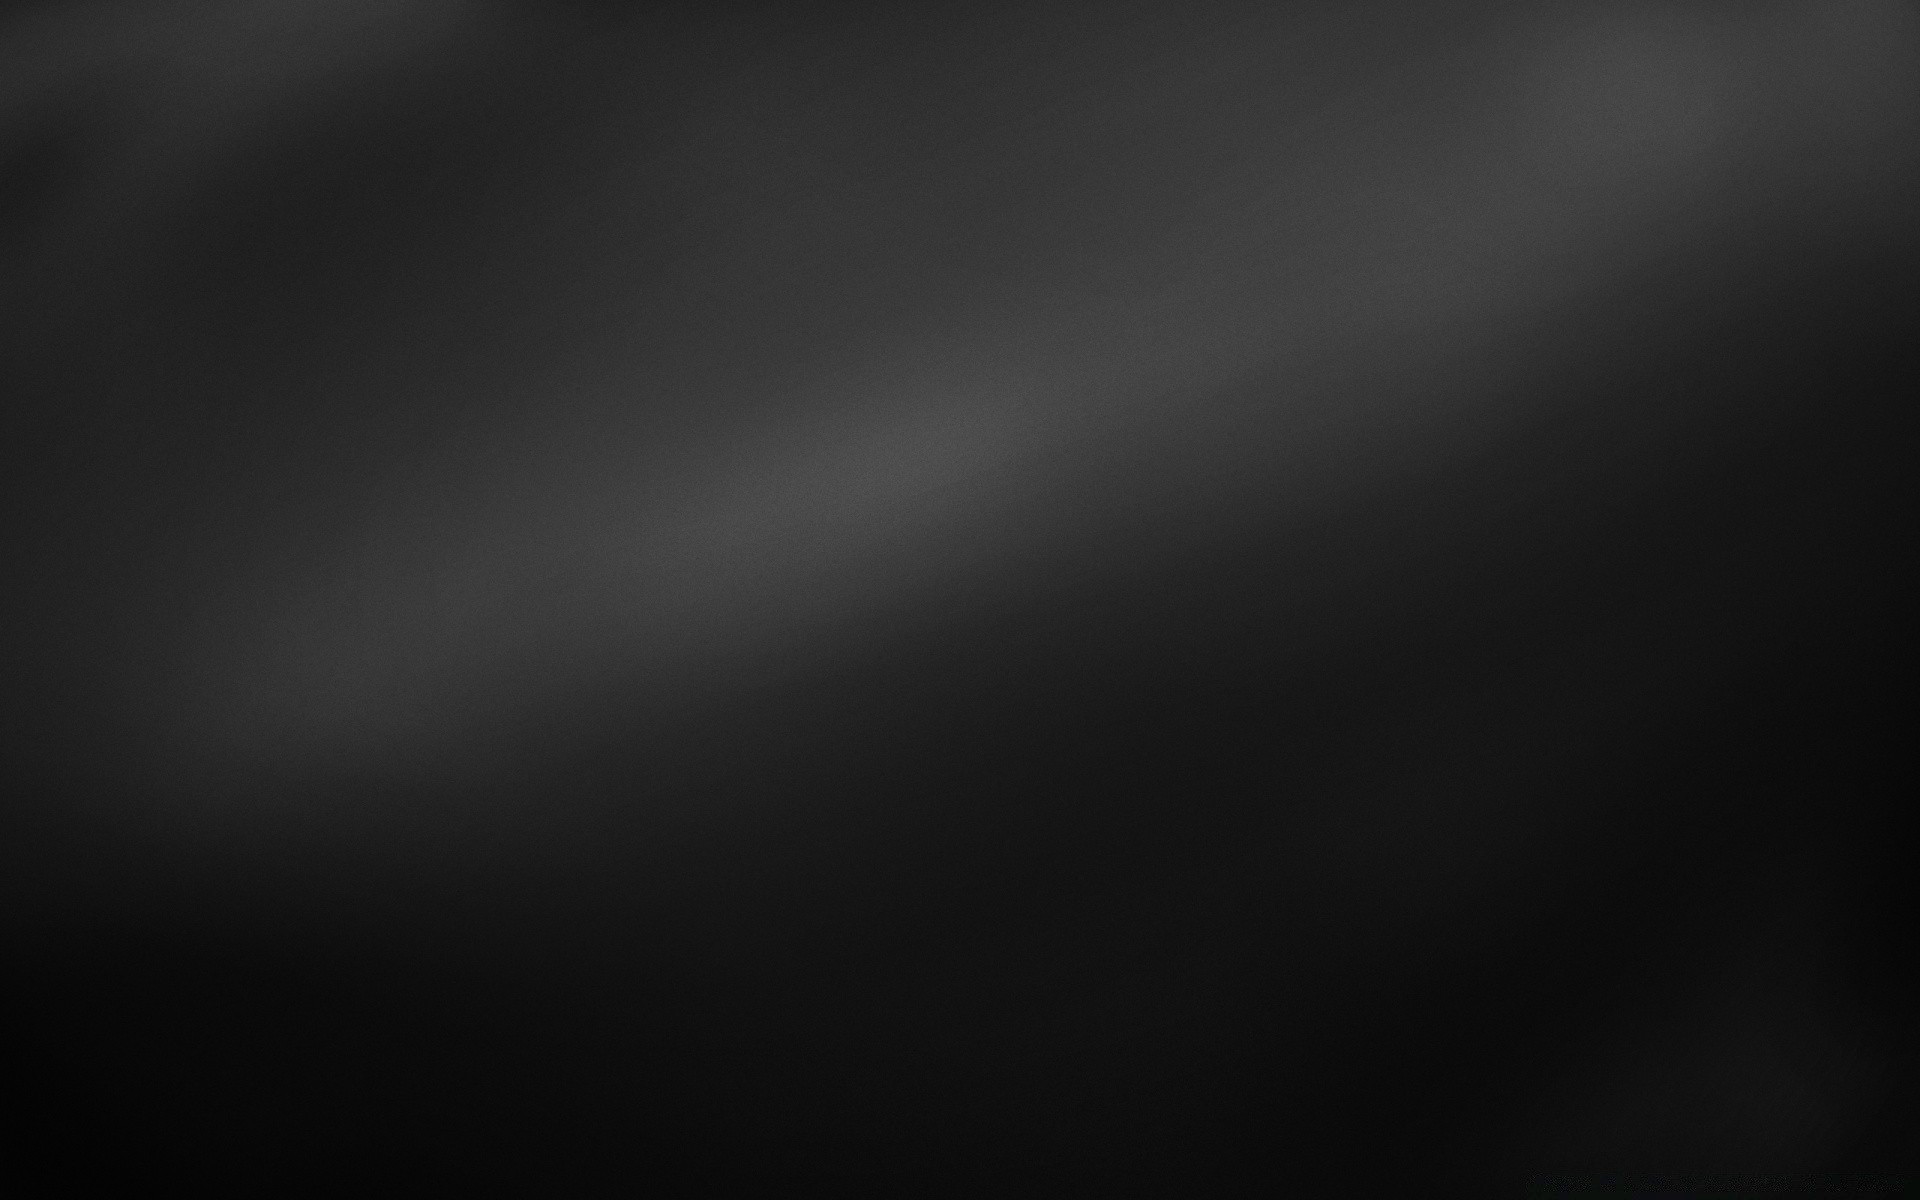 Черный Фон Обои Для Андроид